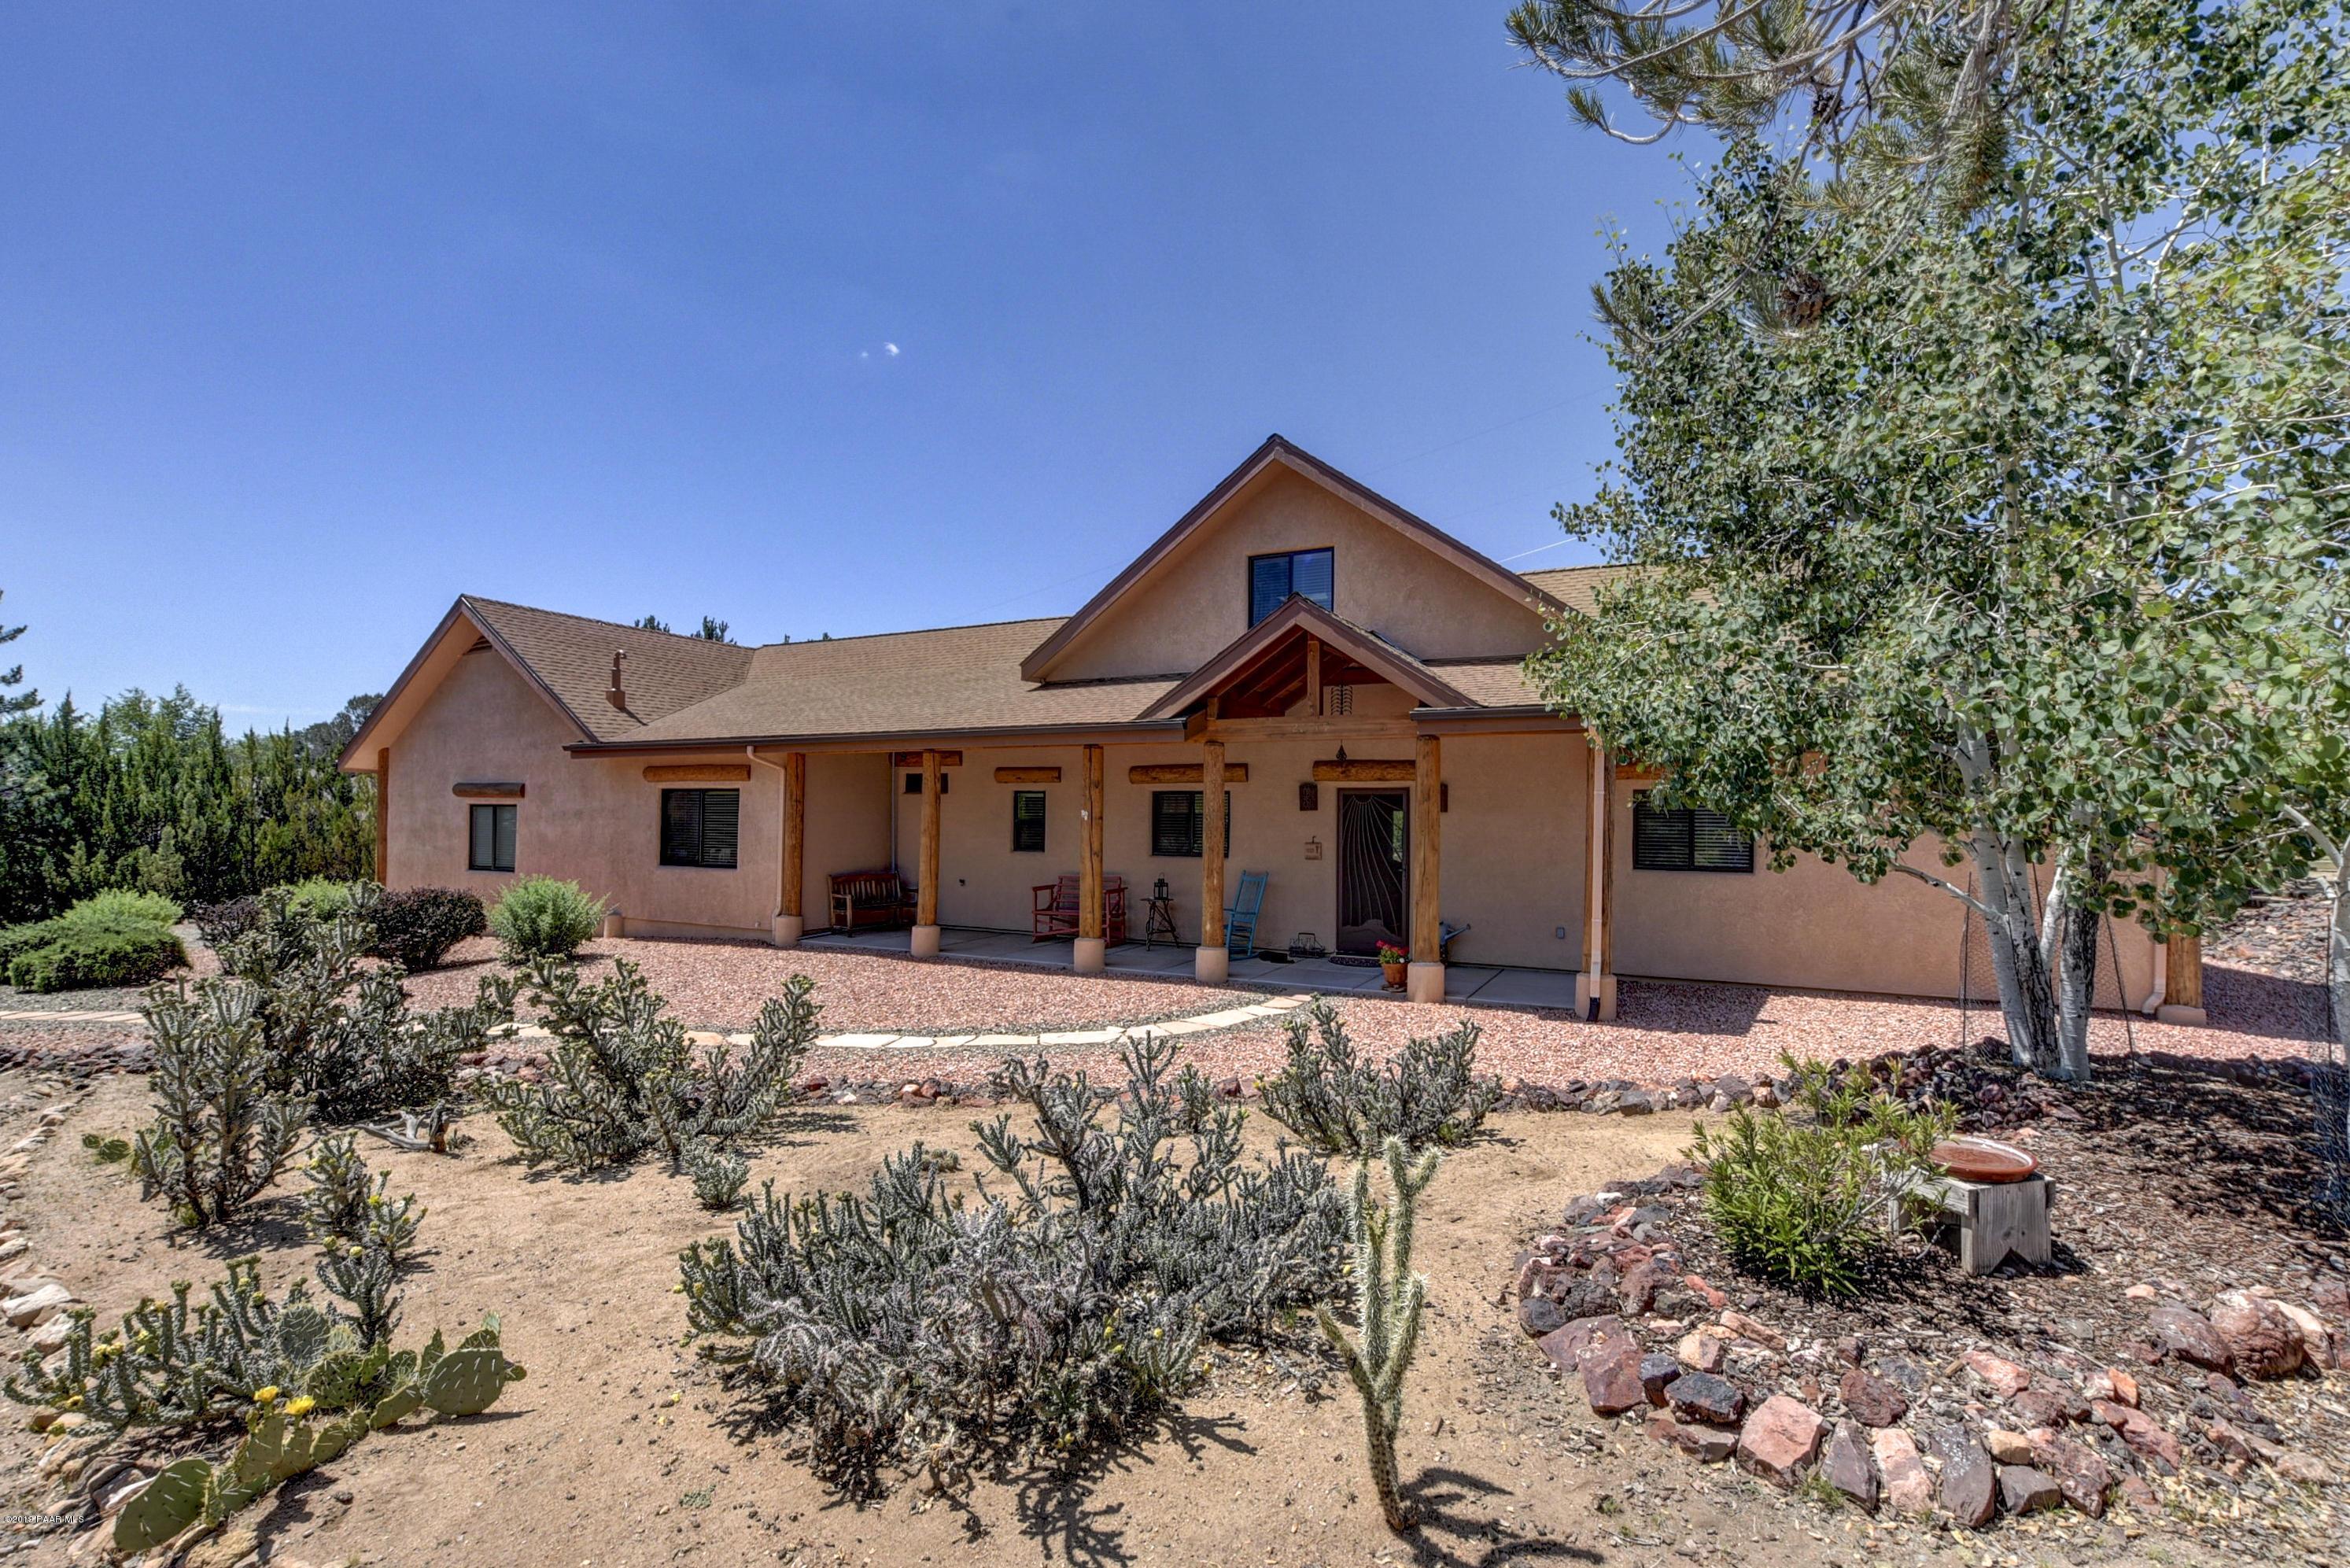 Photo of 2755 Willow Oak, Prescott, AZ 86305